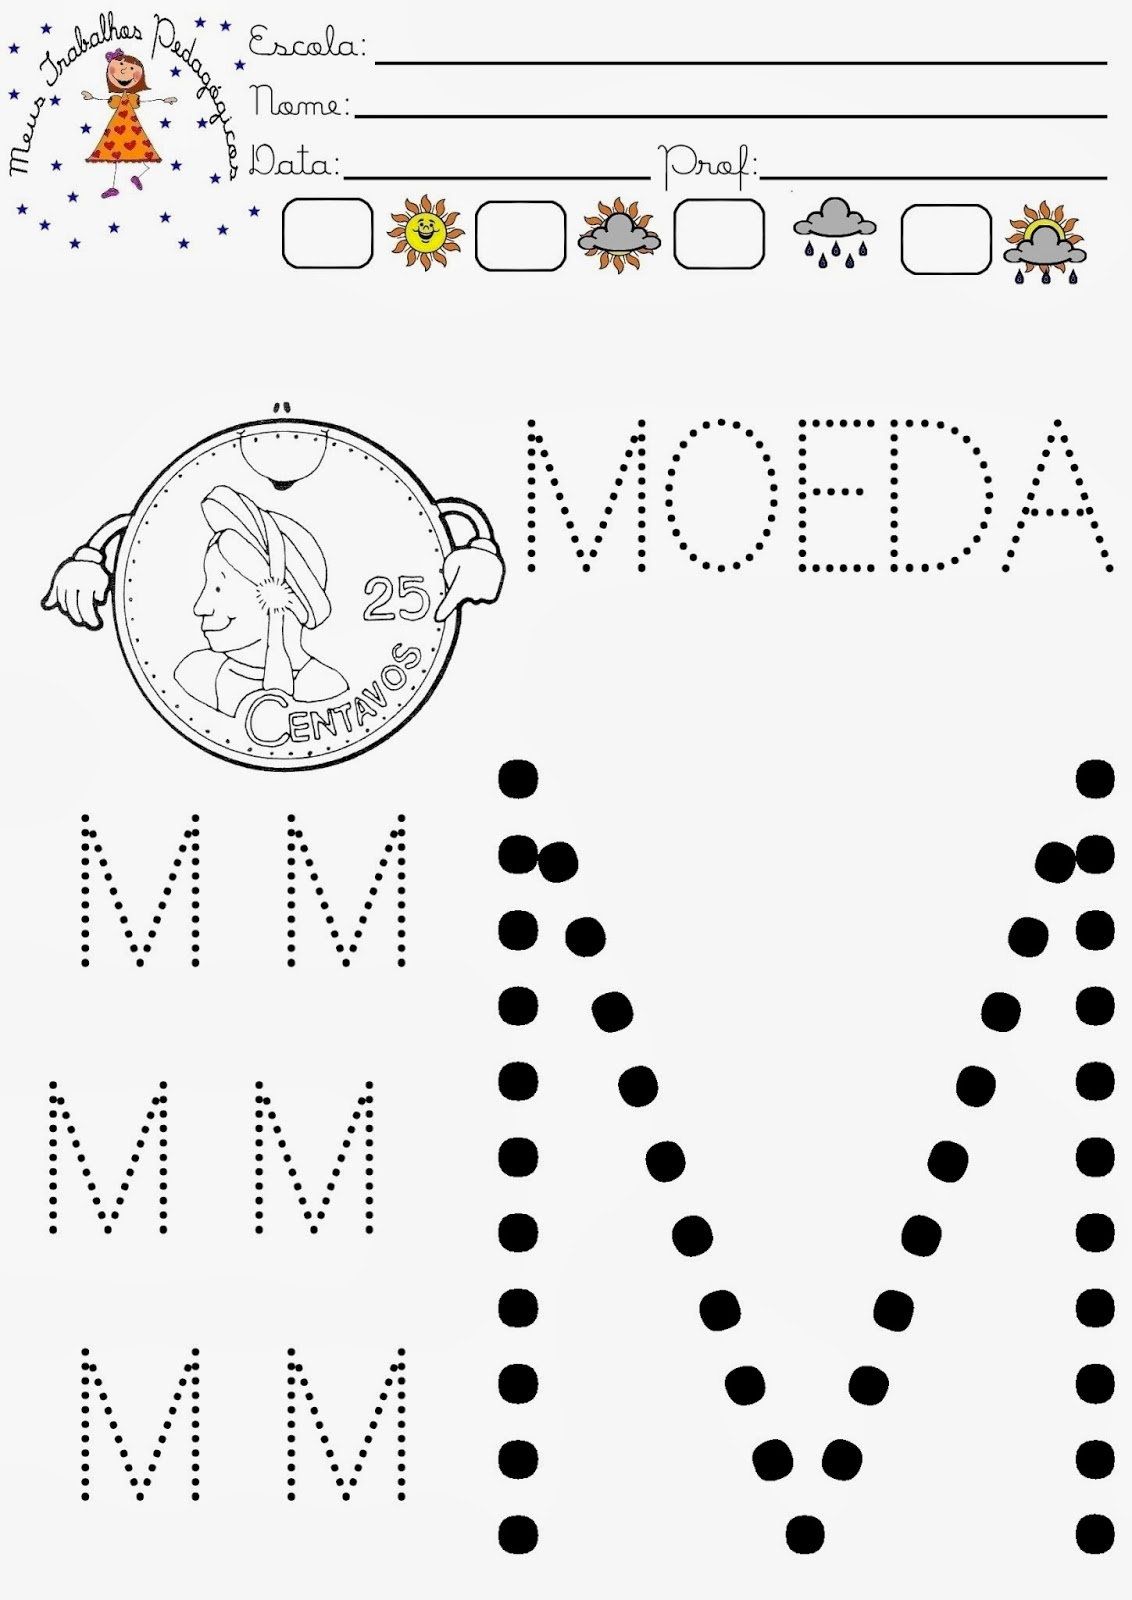 Fabuloso Meus Trabalhos Pedagógicos ®: Atividades com a letra M UW34